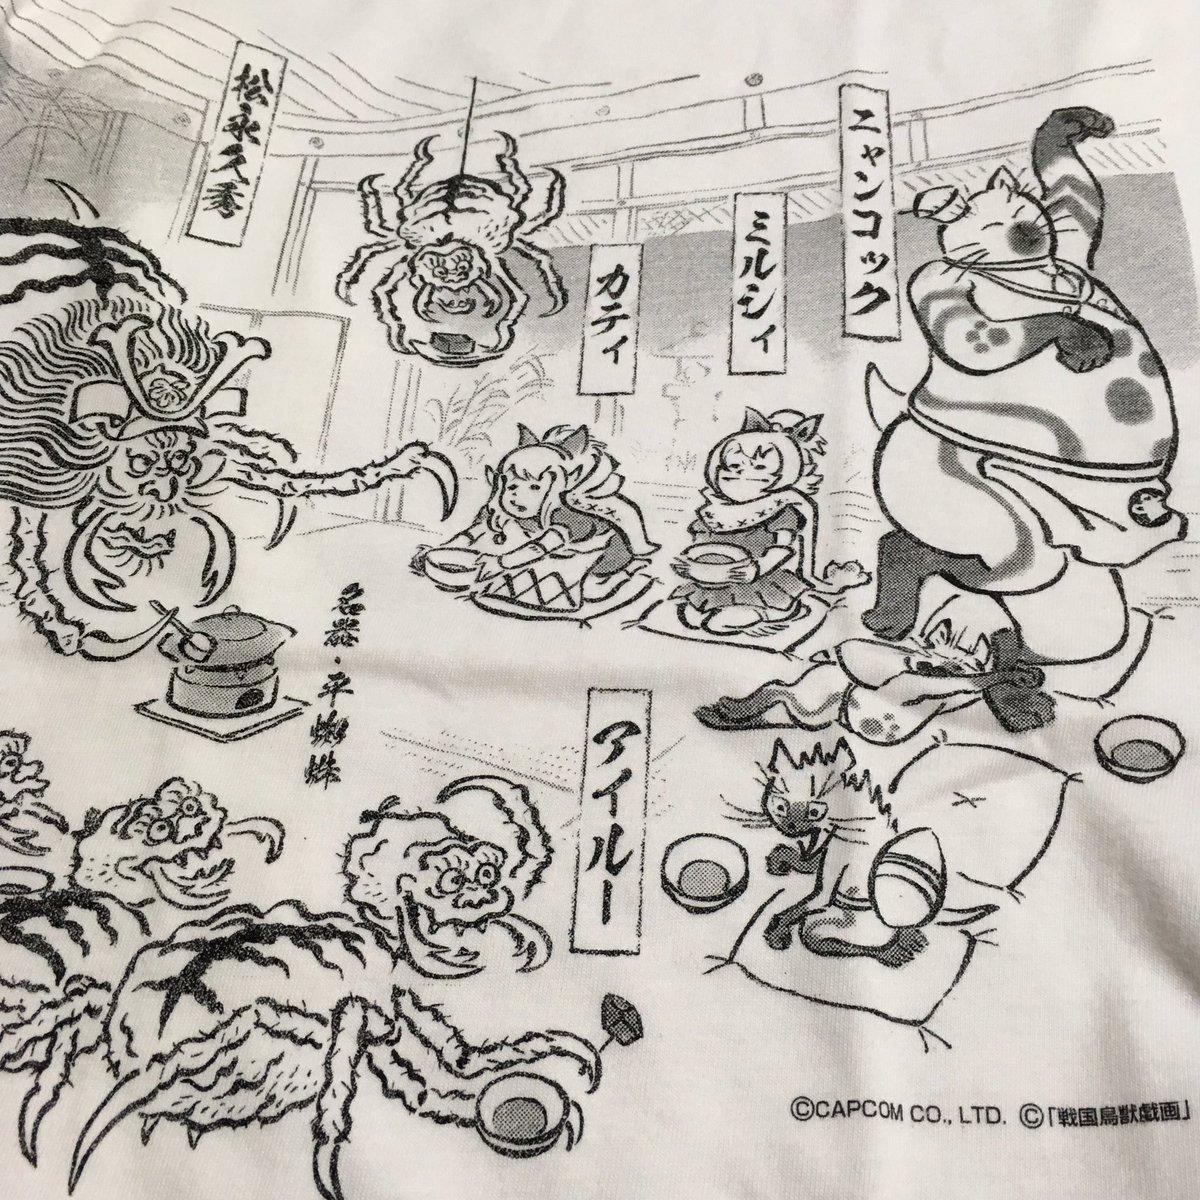 モンハングッズとか、なかなか買わないのですが。このTシャツは即決だったカワイイ。#モンハン #戦国鳥獣戯画